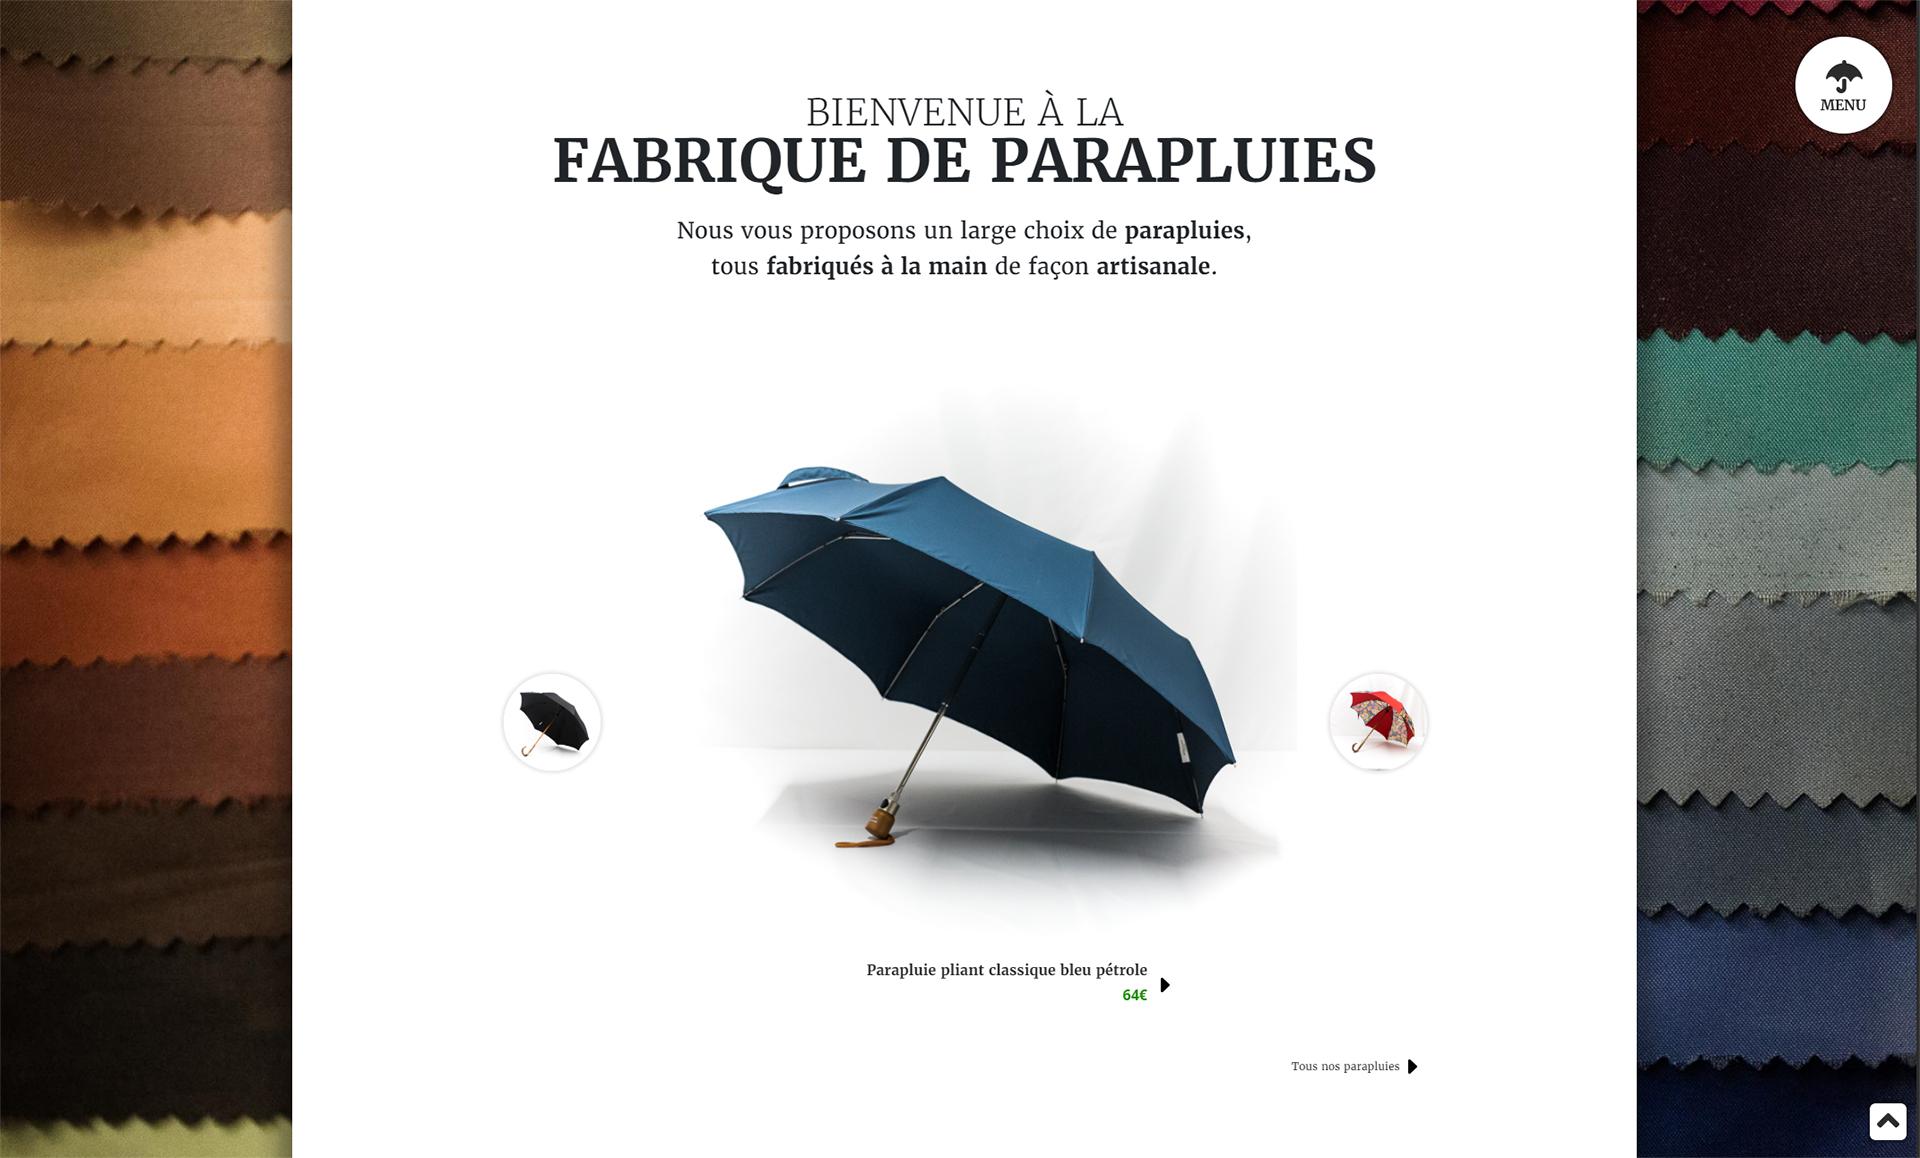 creation-de-site-internet-responsive-pour-la-fabrique-de-parapluie-par-infographiste-poitiers-5